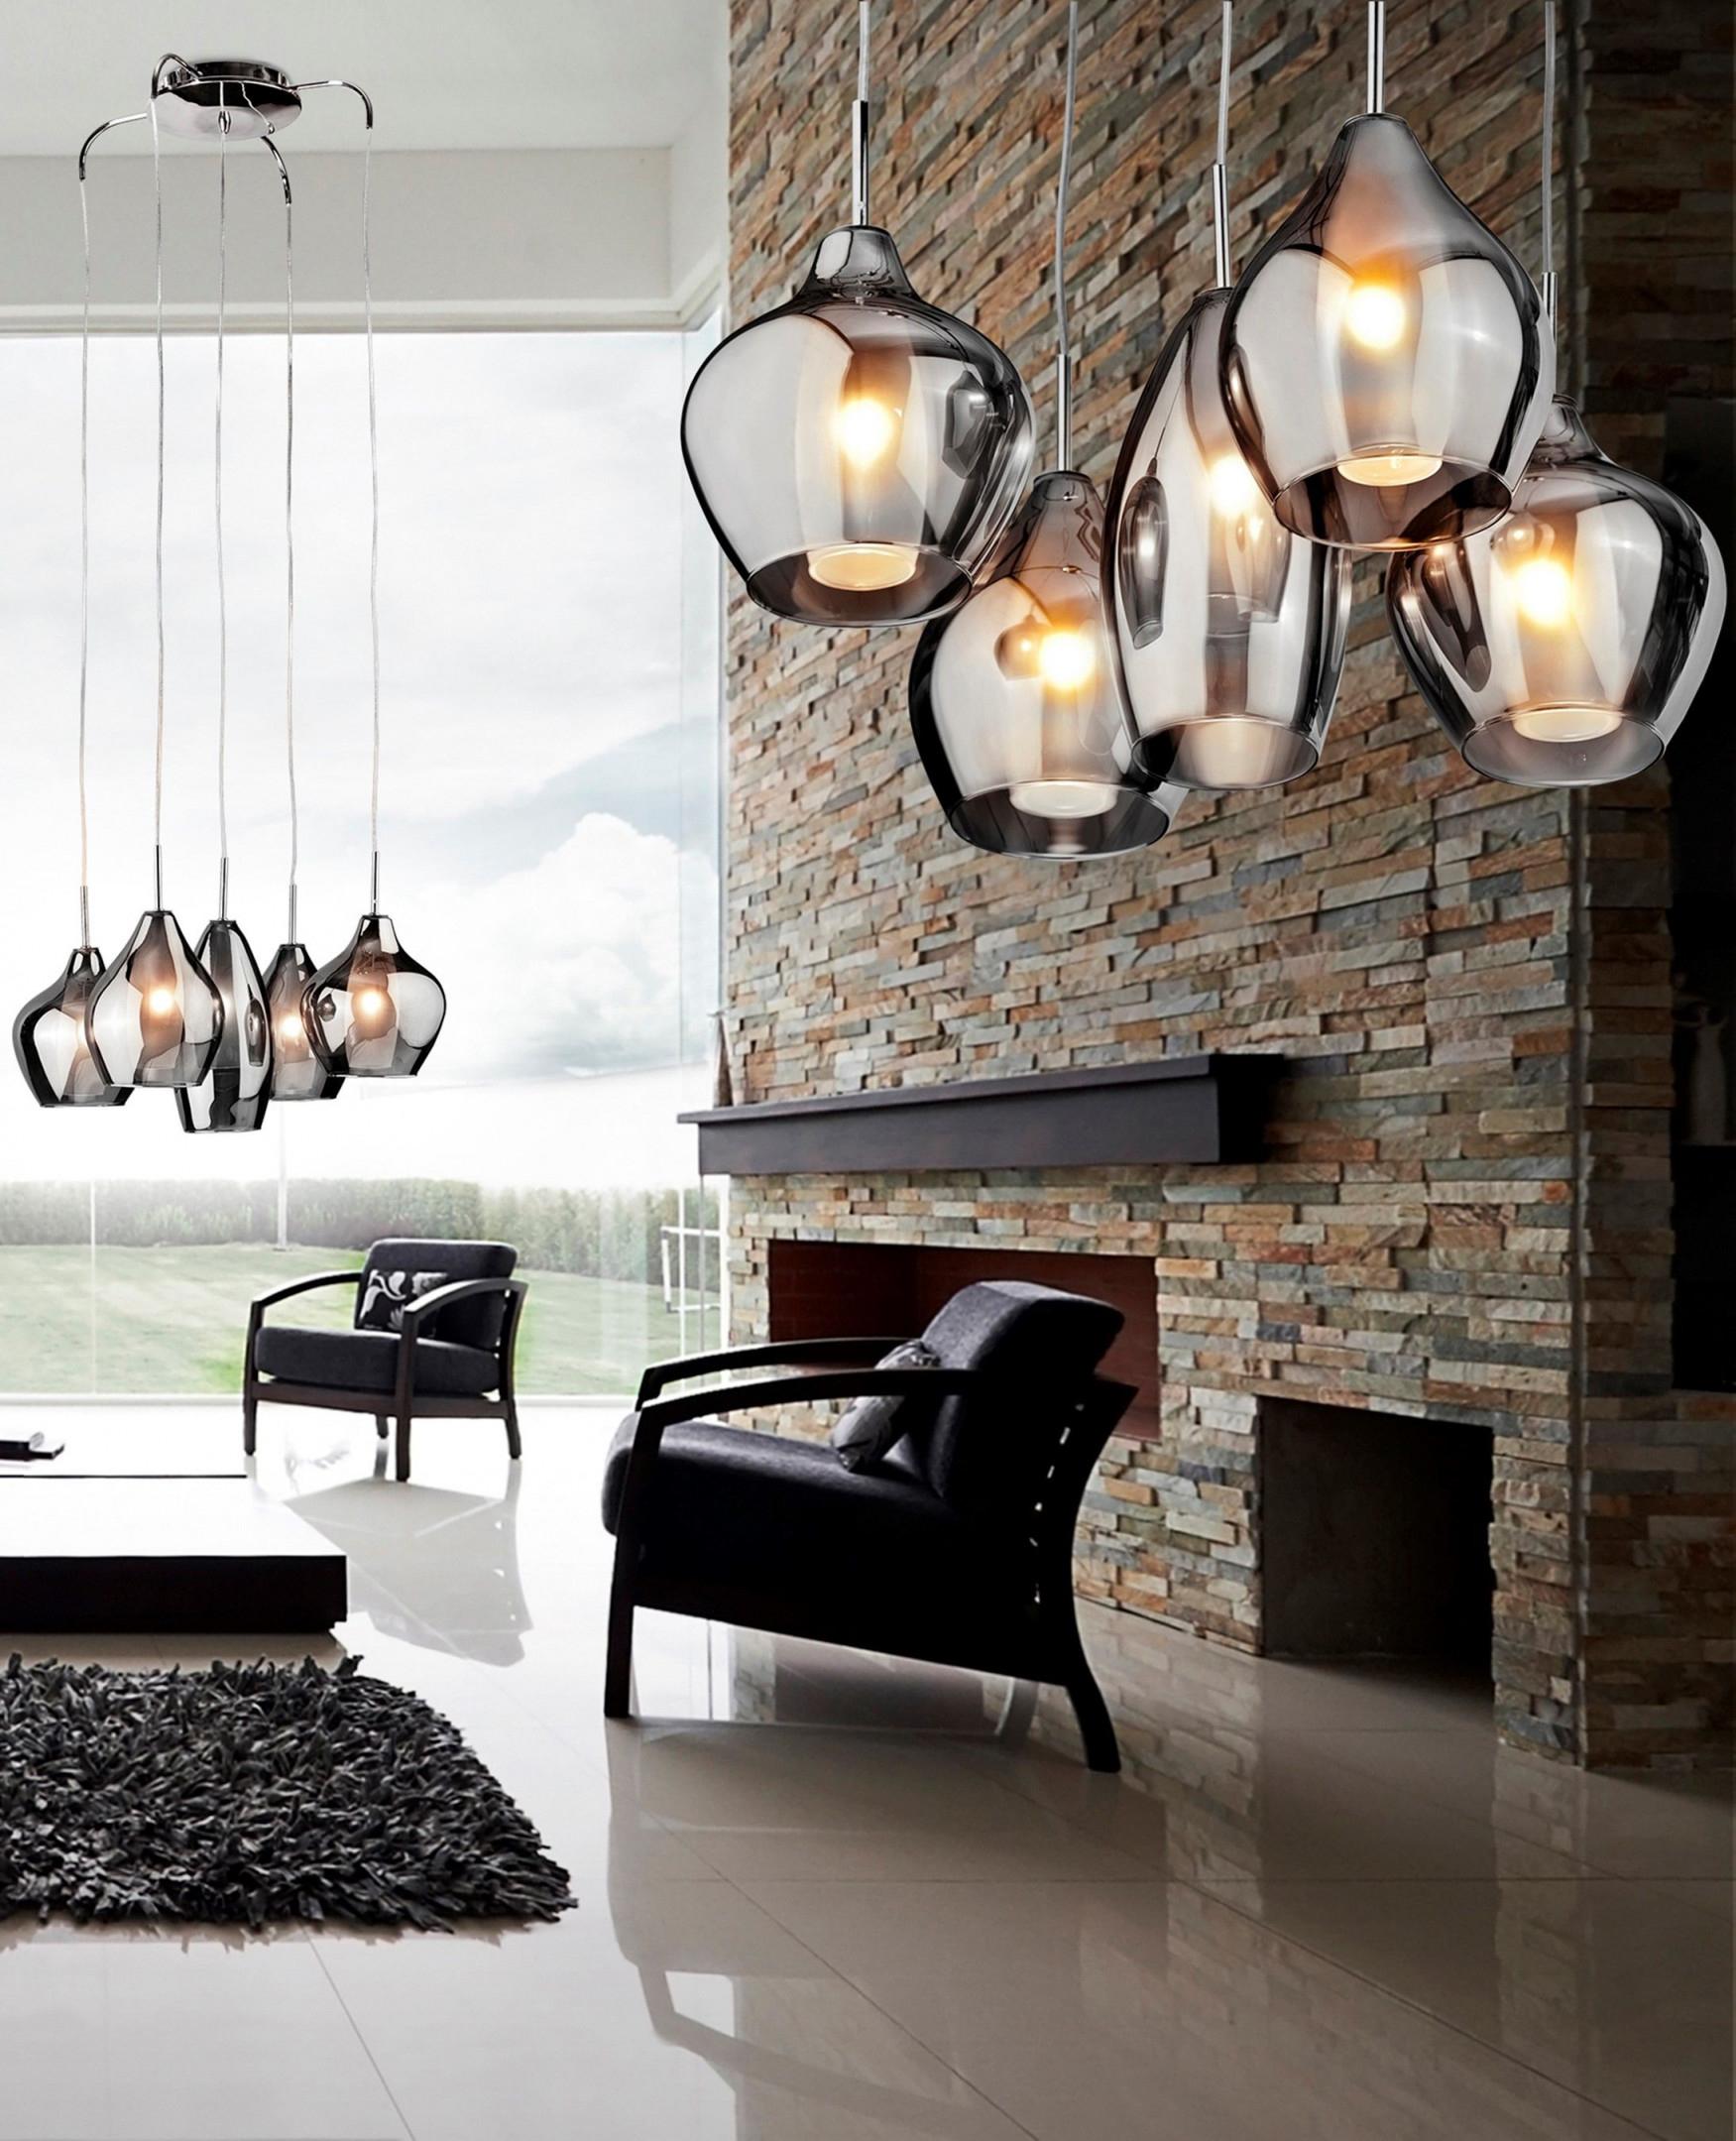 Moderne Glaslampe  Lampen Wohnzimmer Hängeleuchte von Wohnzimmer Lampe Glas Bild